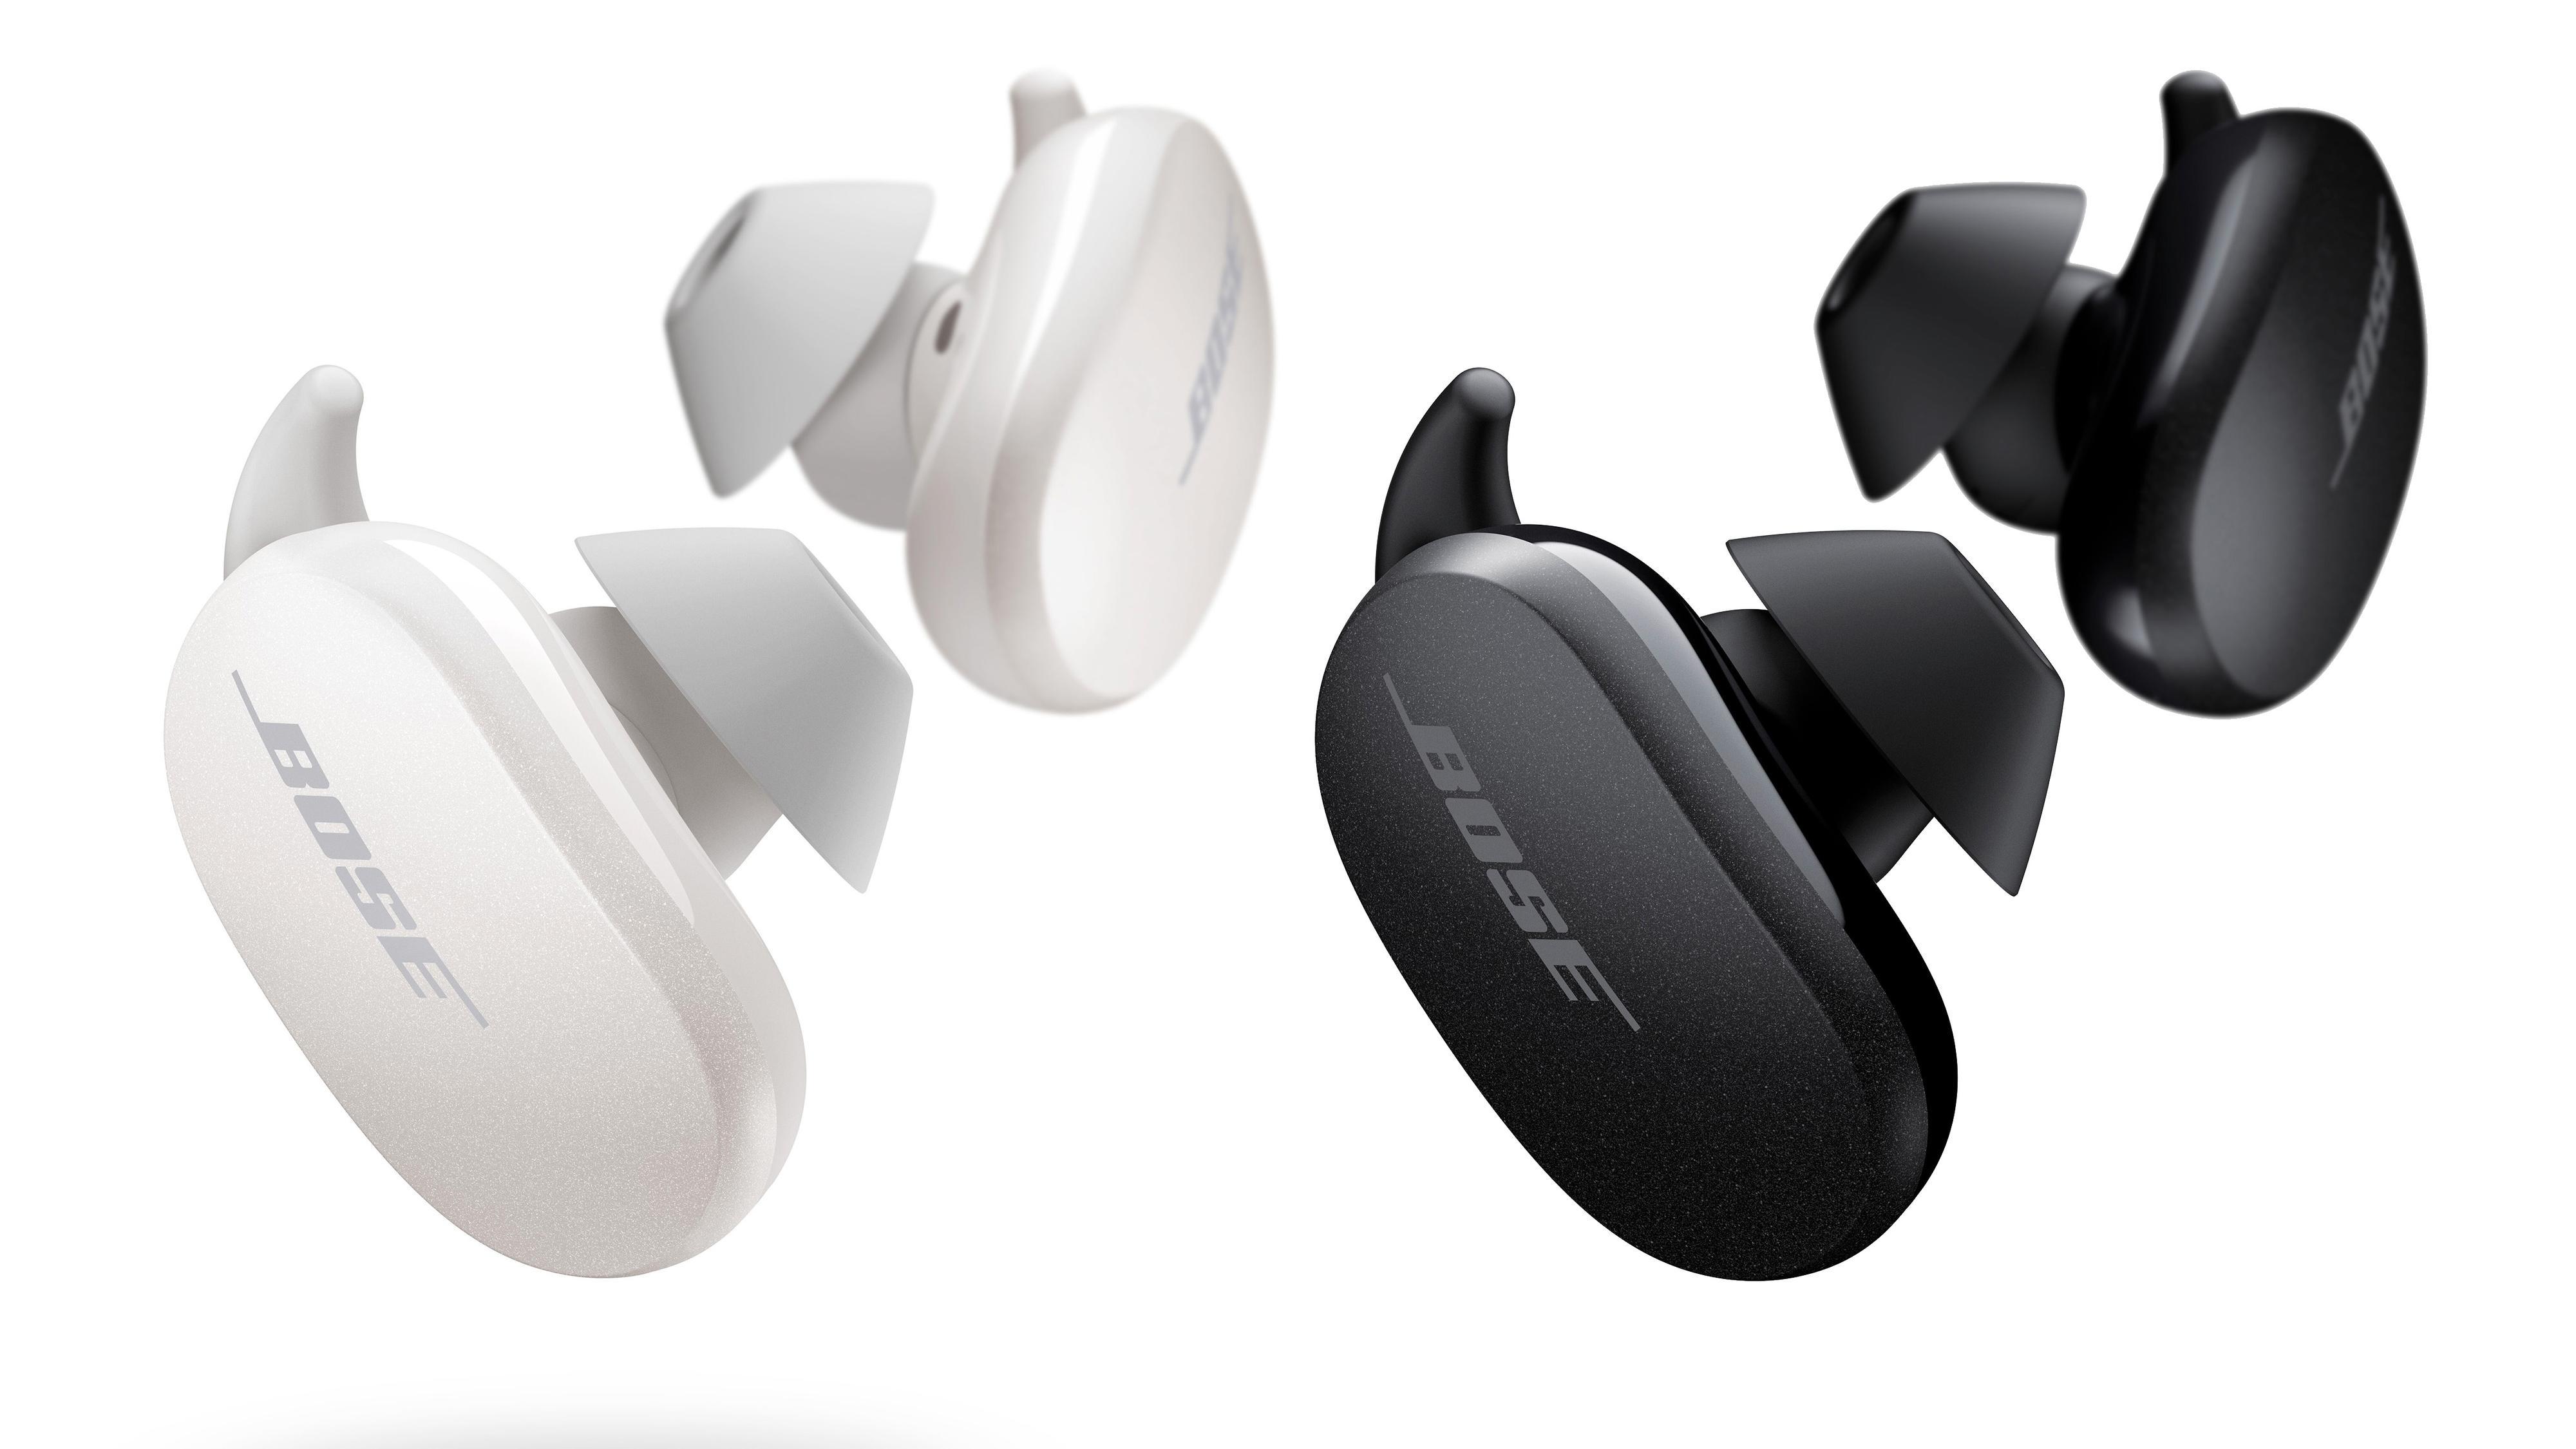 Bose går tilbake til QuietComfort-navnet: Slipper nye ørepropper med støydemping